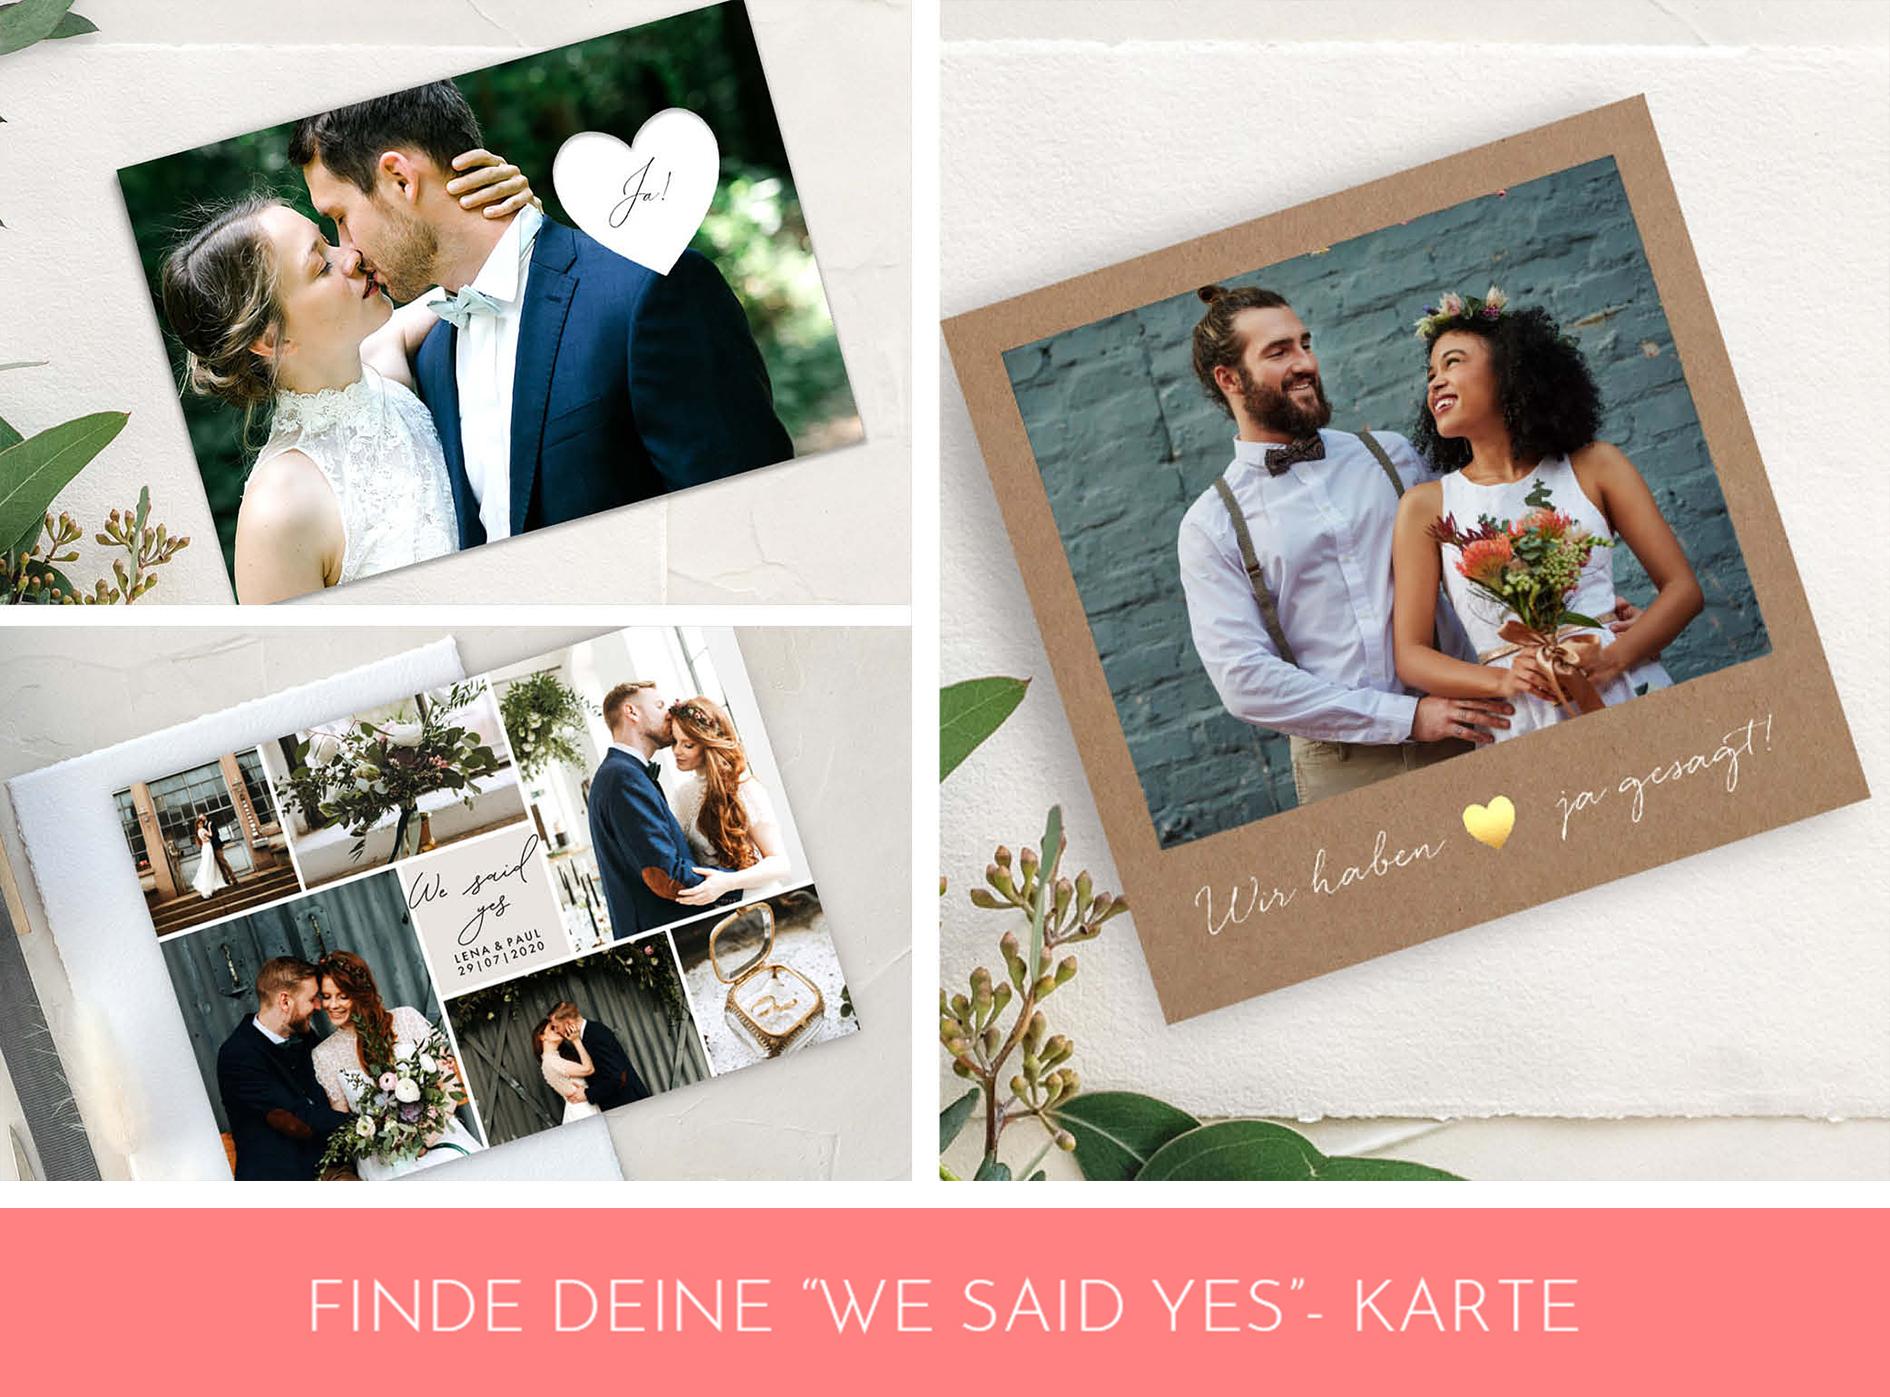 Wir haben ja gesagt Karten nach der Hochzeit zu zweit.